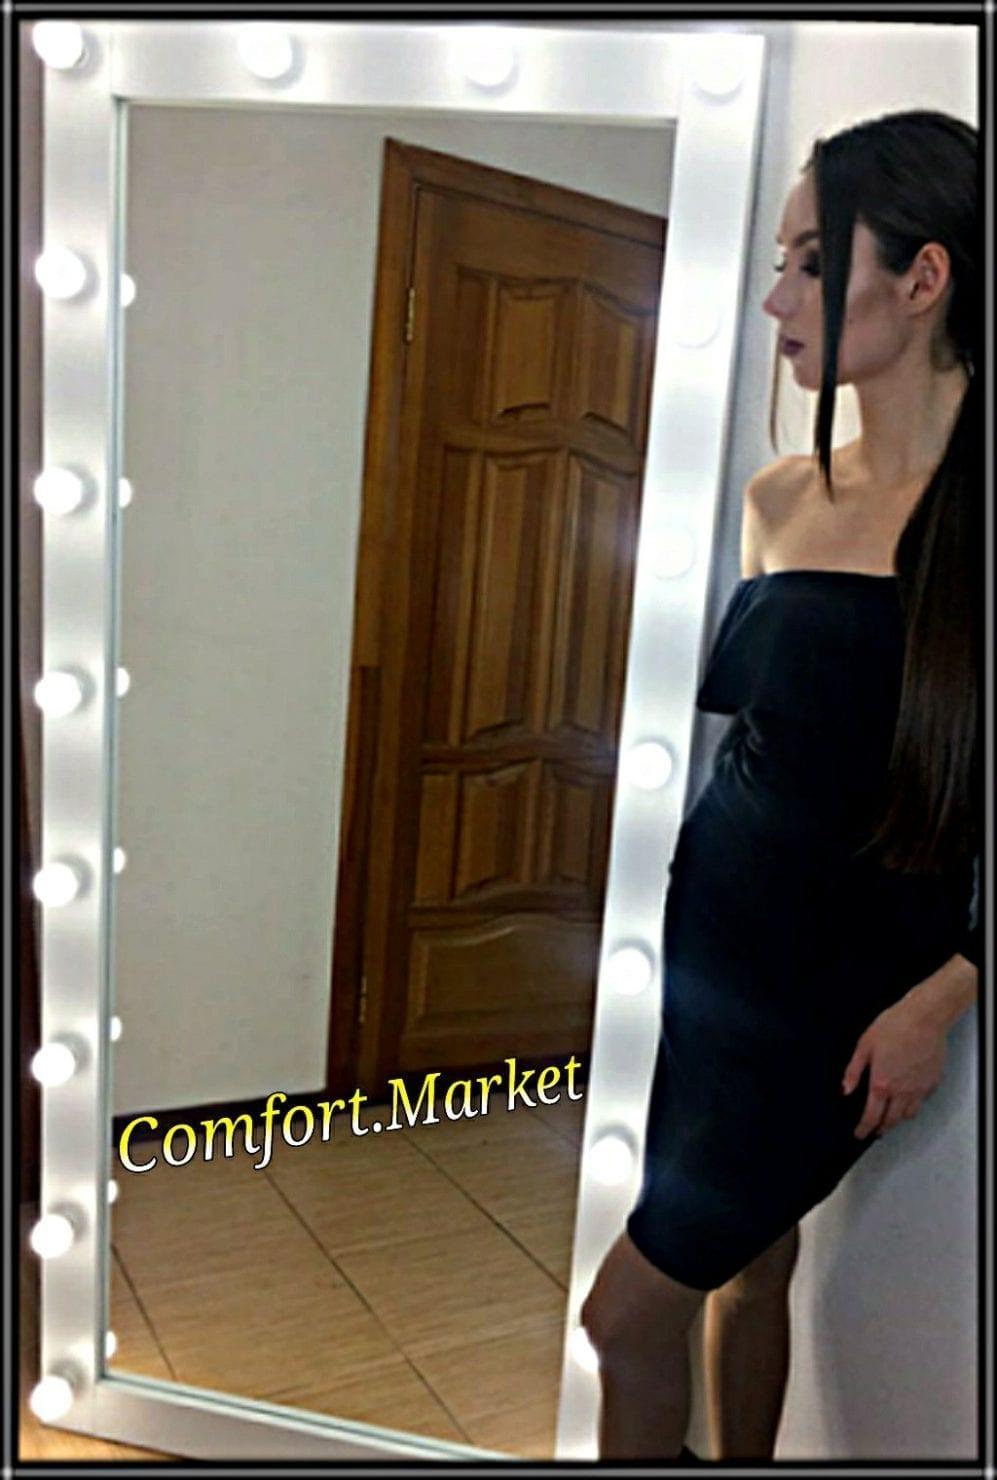 Зеркало на пол или на стену в полный рост человека - мебель Comfort Market